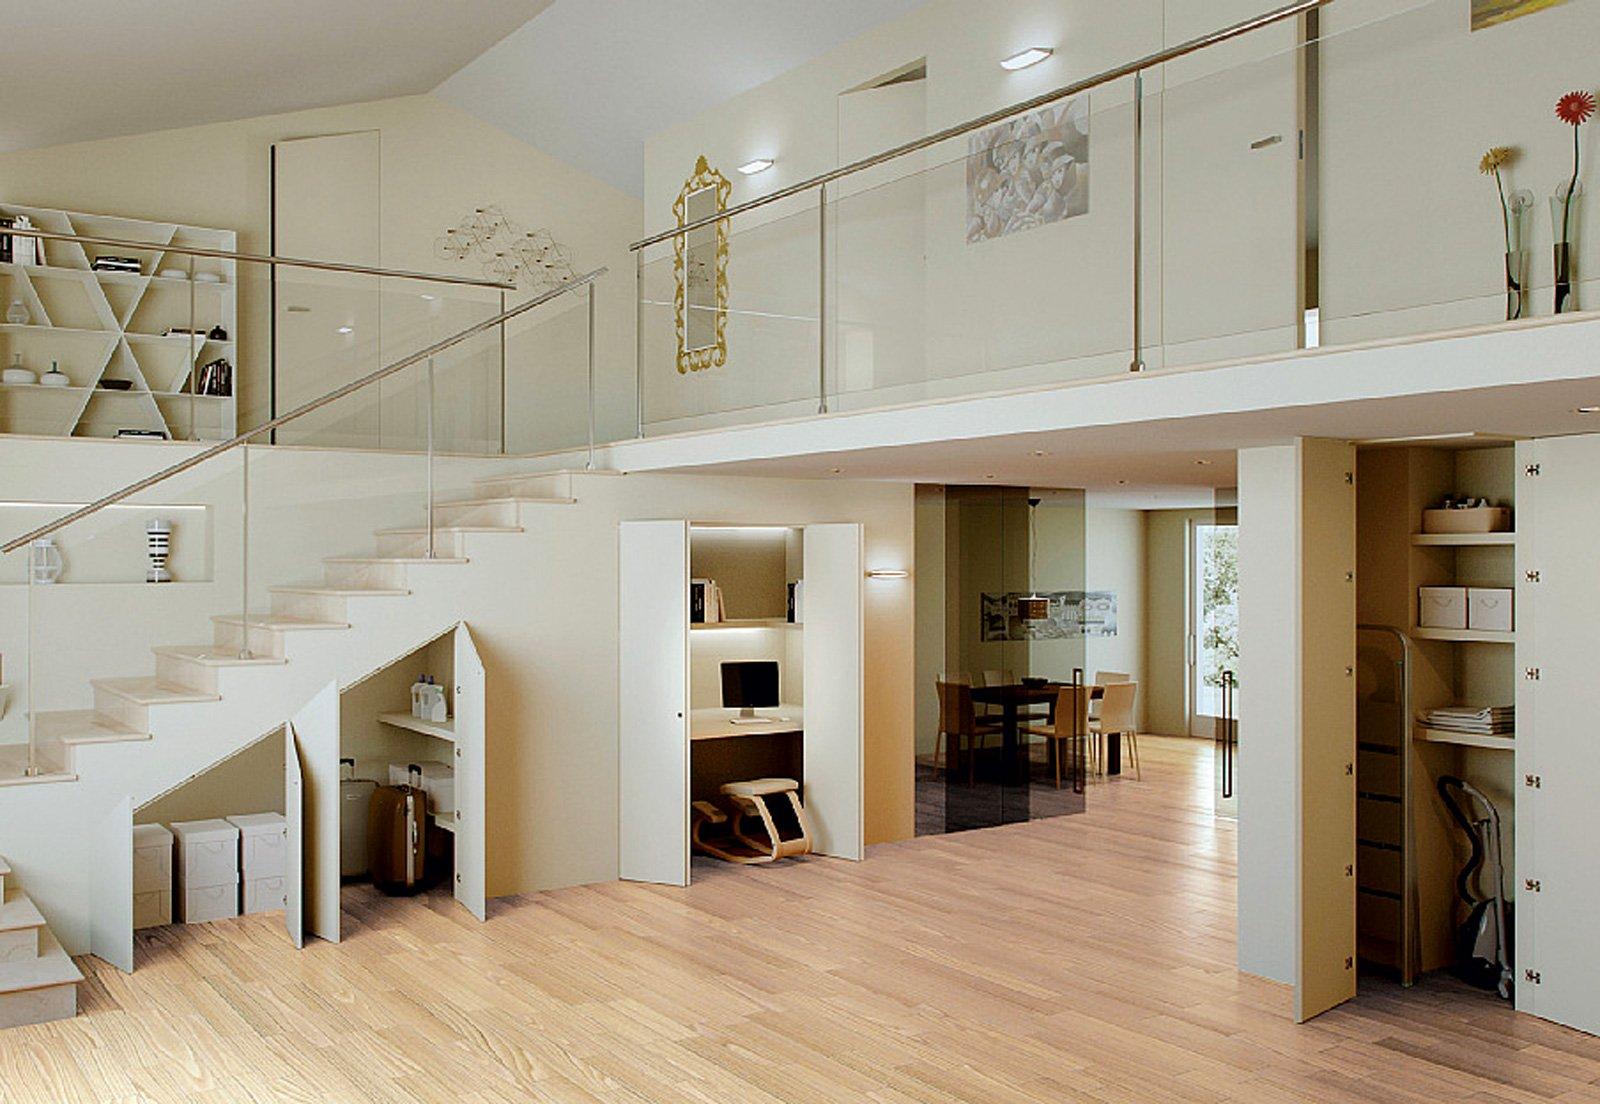 Armadio sottoscala con soluzioni filomuro cose di casa for Soluzioni arredo casa